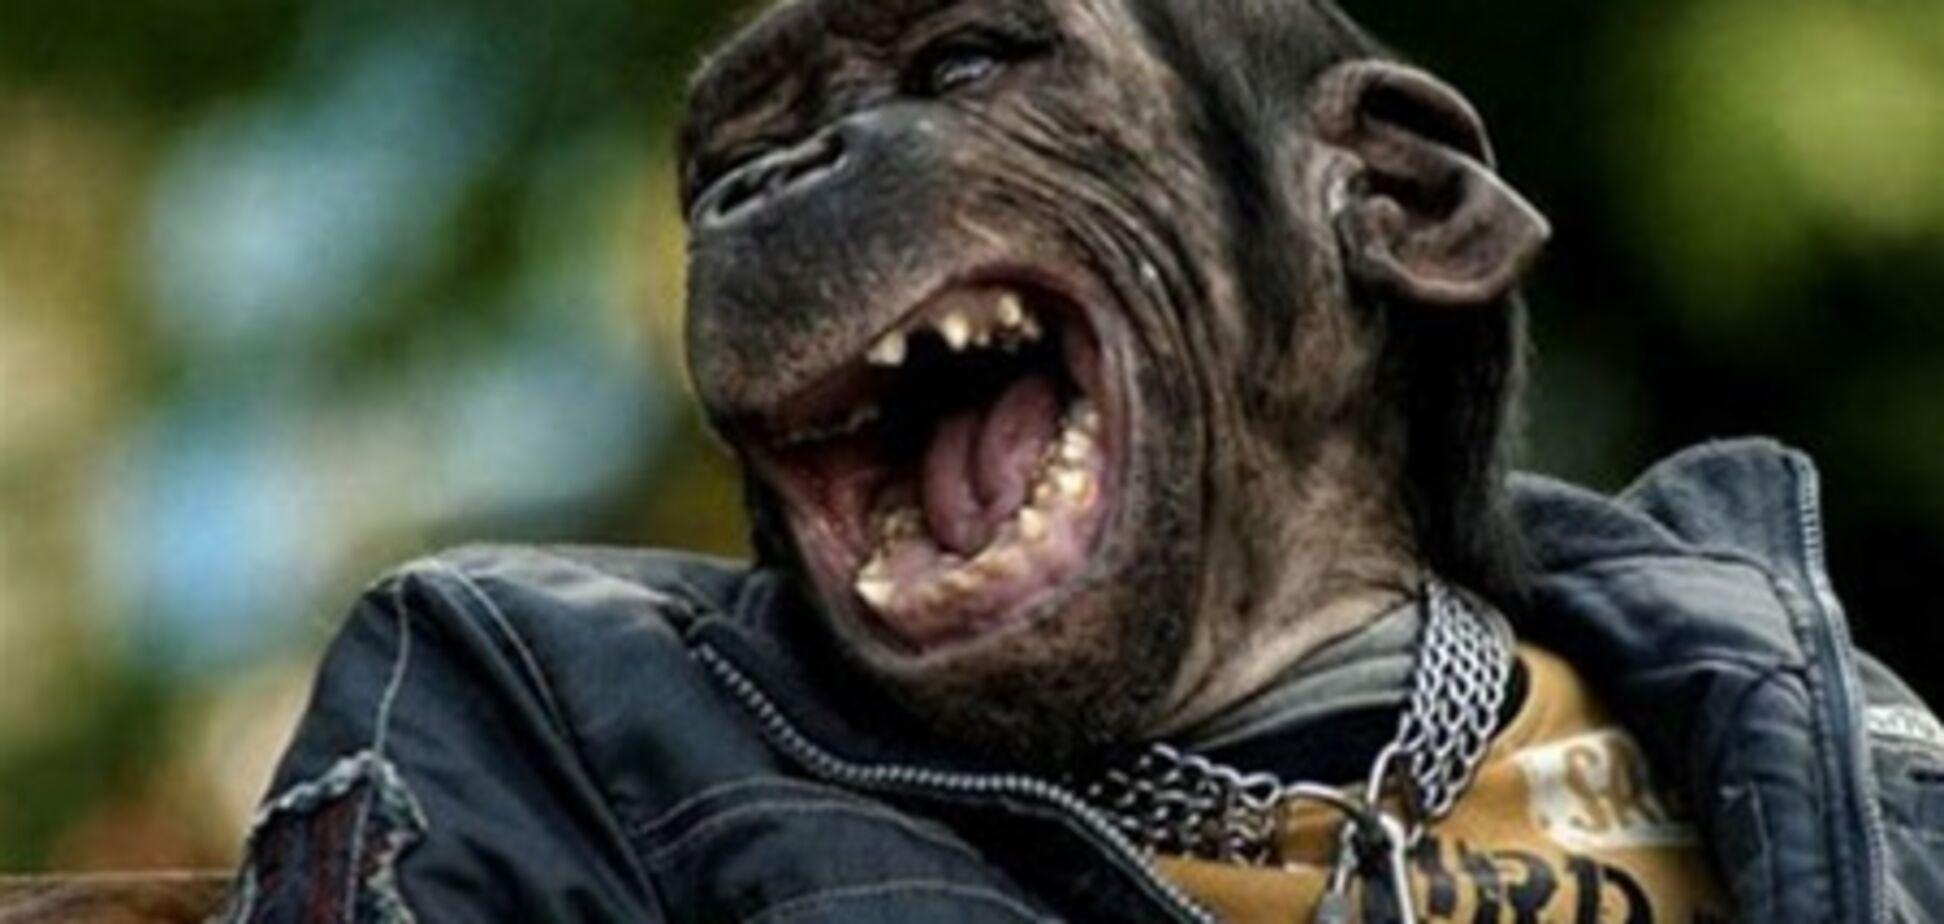 15 найсмішніших тварин Інтернету